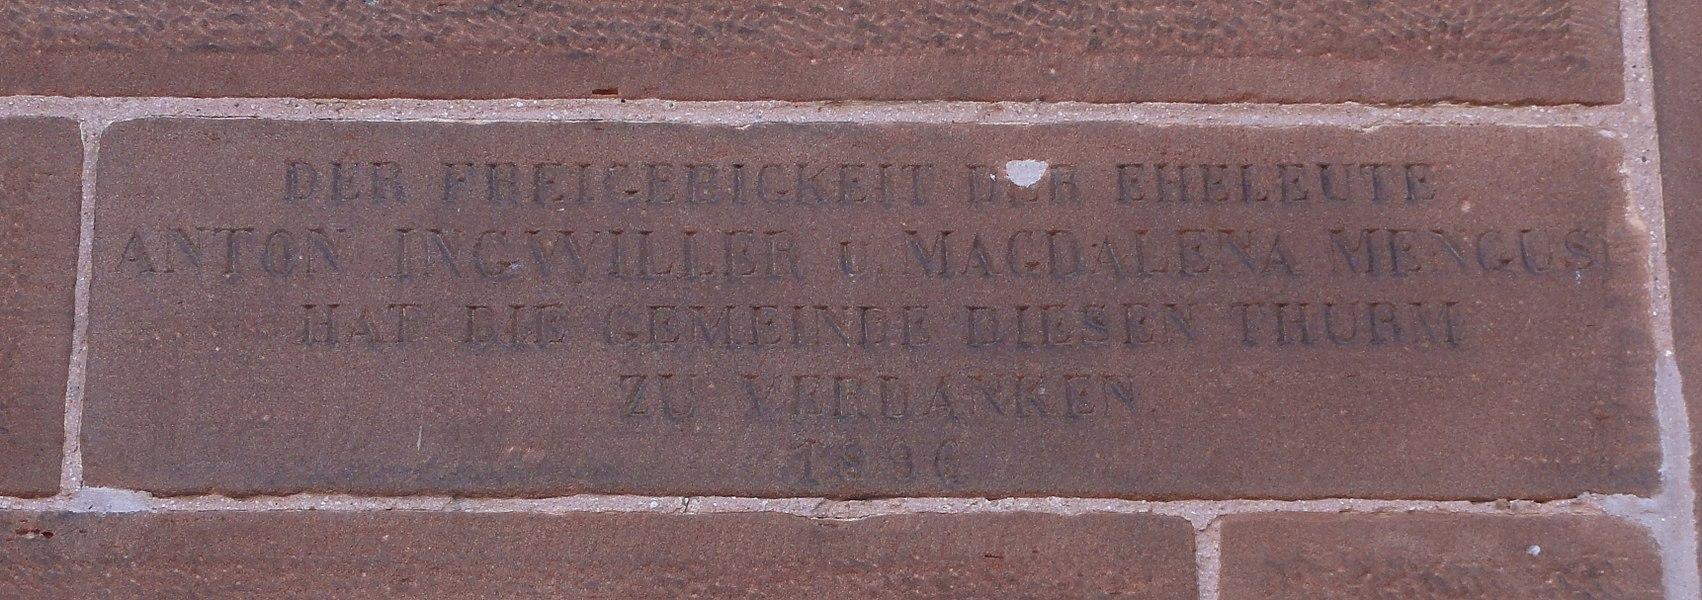 Alsace, Bas-Rhin, Wahlenheim, Église de L'Assomption-de la-Bienheureuse-Vierge-Marie (IA00061806).  Inscription sur le clocher (La commune doit remercier la générosité des époux Anton Ingwiller et Magdalena Mengus pour la construction de cette tour, 1896).